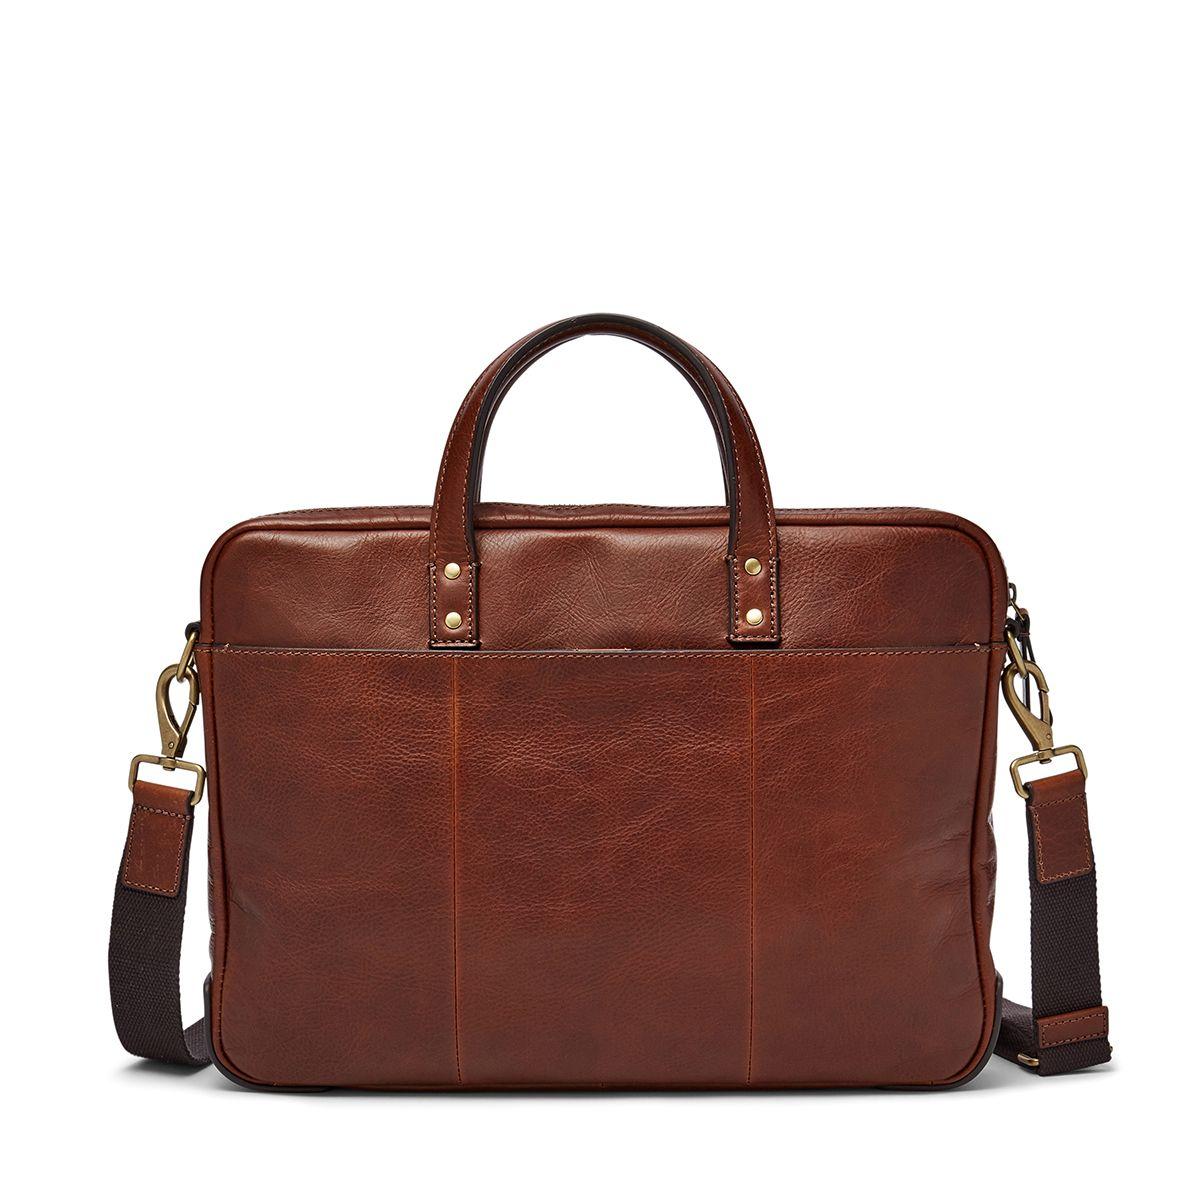 f57c034beaa2 Fossil Handbags   Purses - Macy s